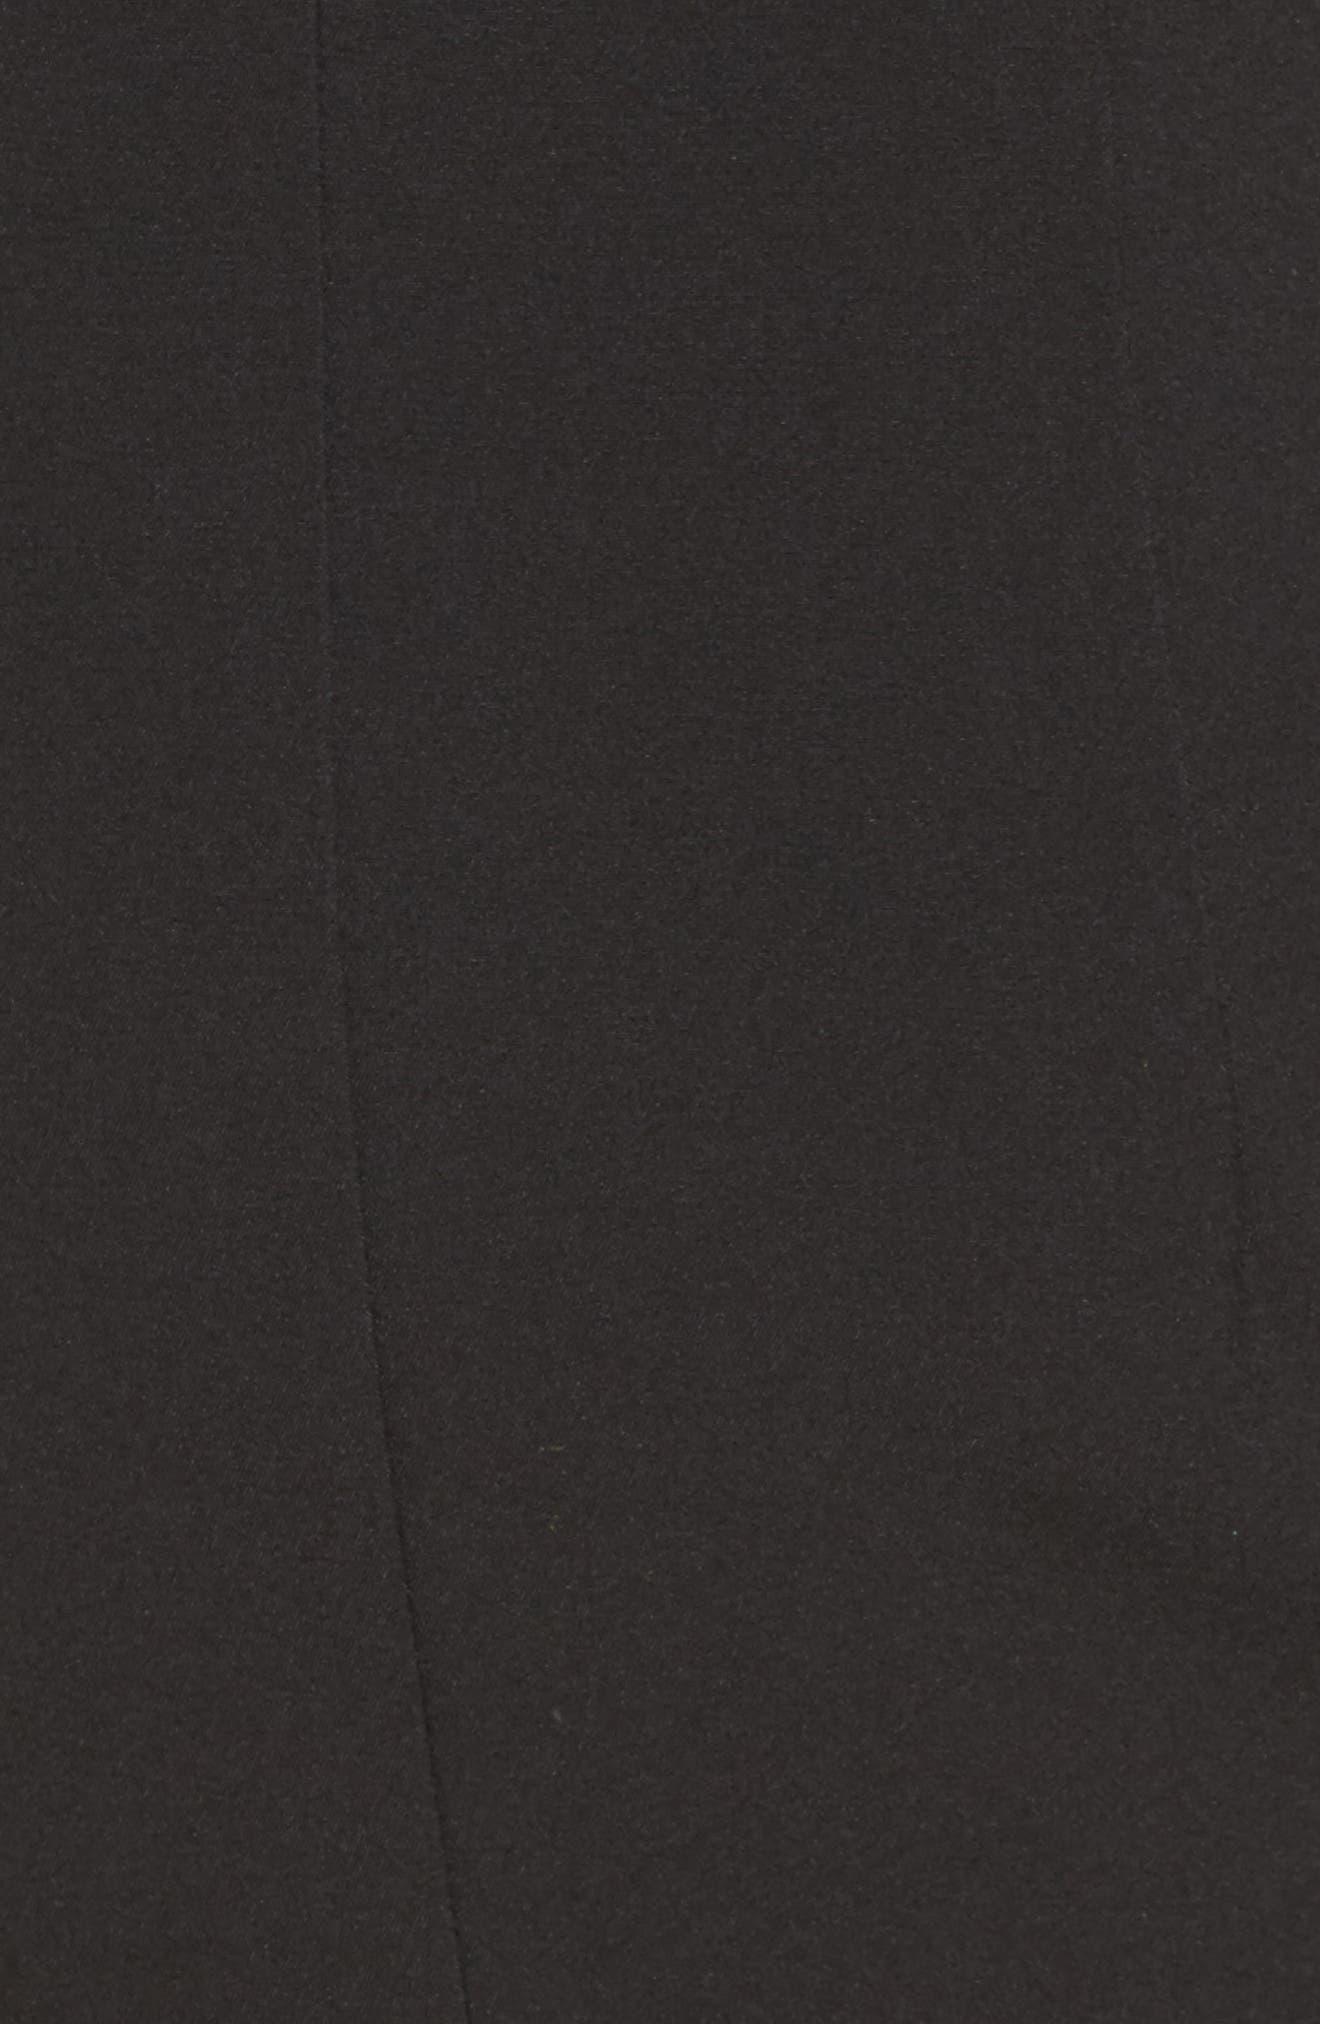 Autumn Off the Shoulder Gown,                             Alternate thumbnail 5, color,                             Black